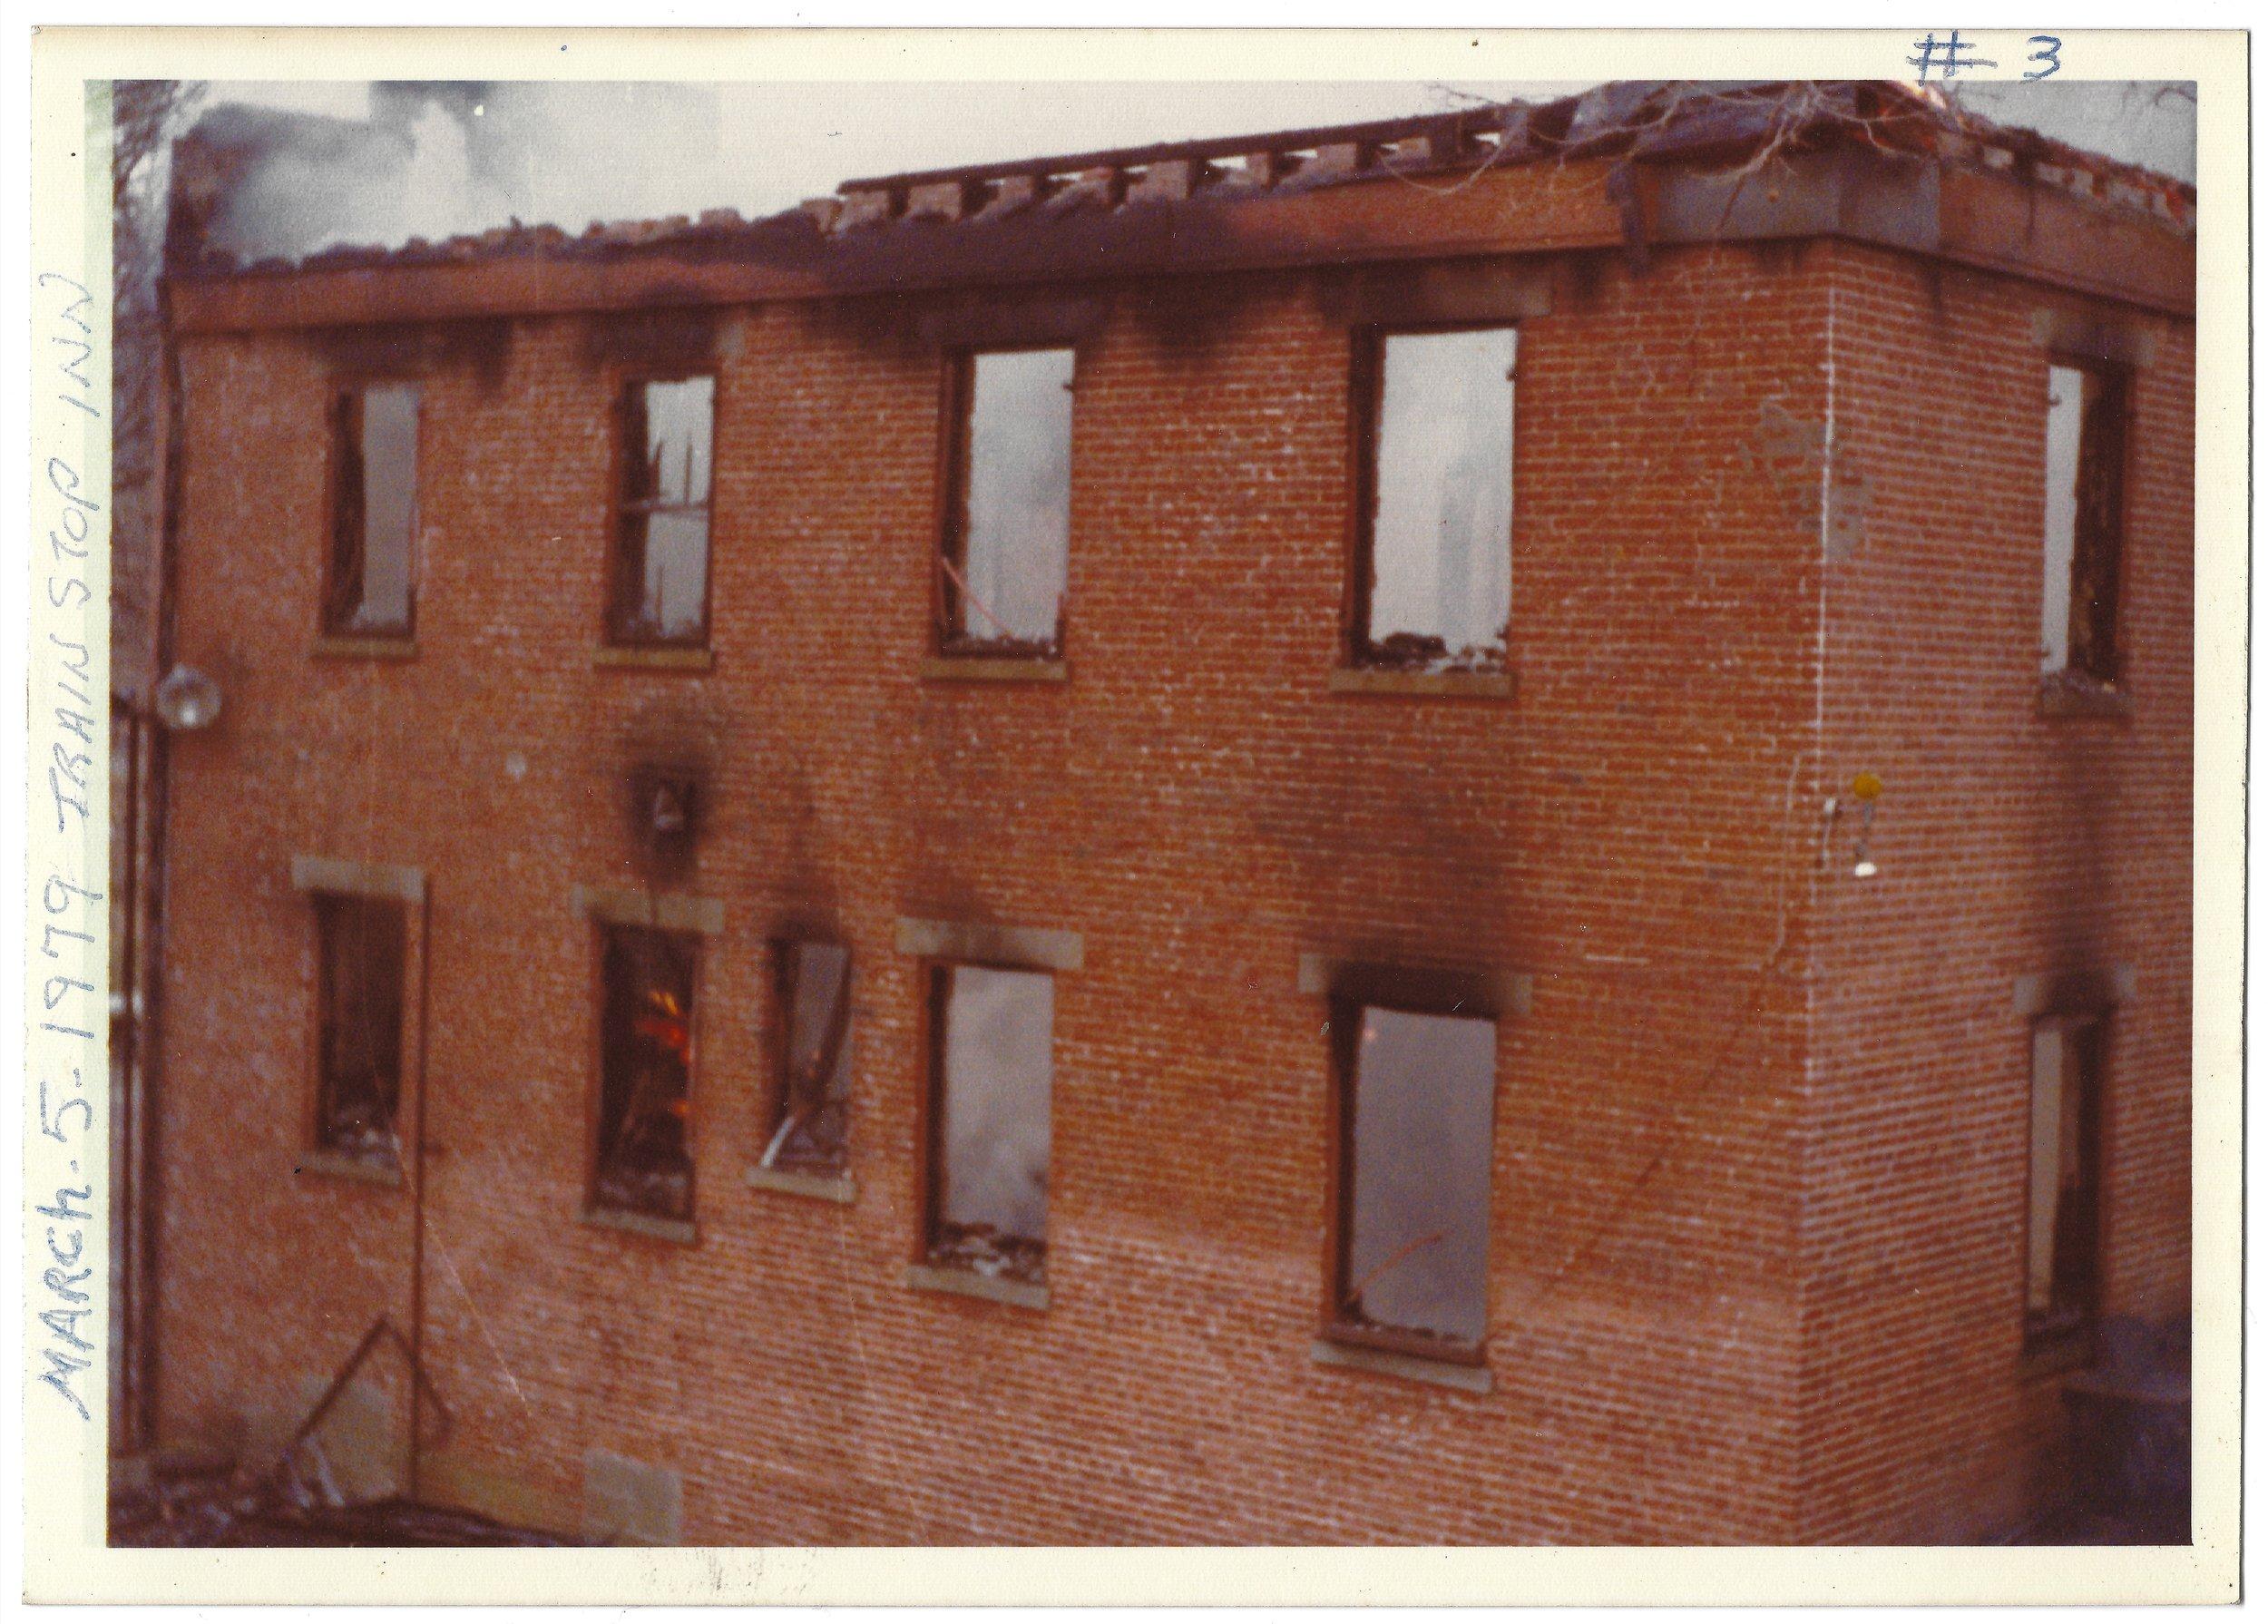 1979 Fire 3.jpeg